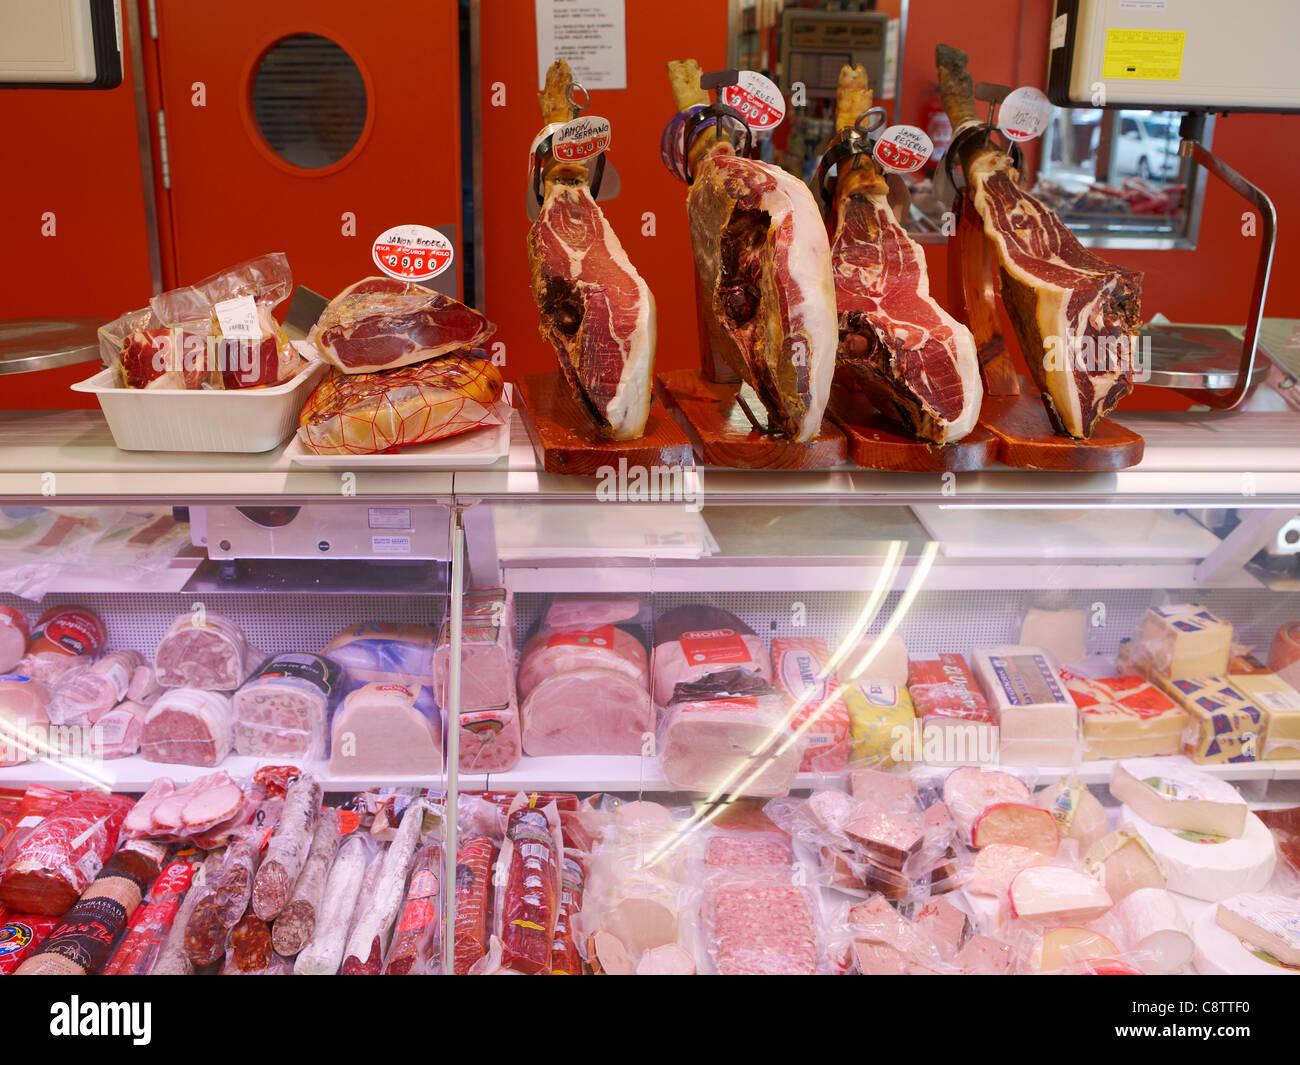 Jamon (Spanish ham) displayed in deli. Salou, Catalonia, Spain. - Stock Image